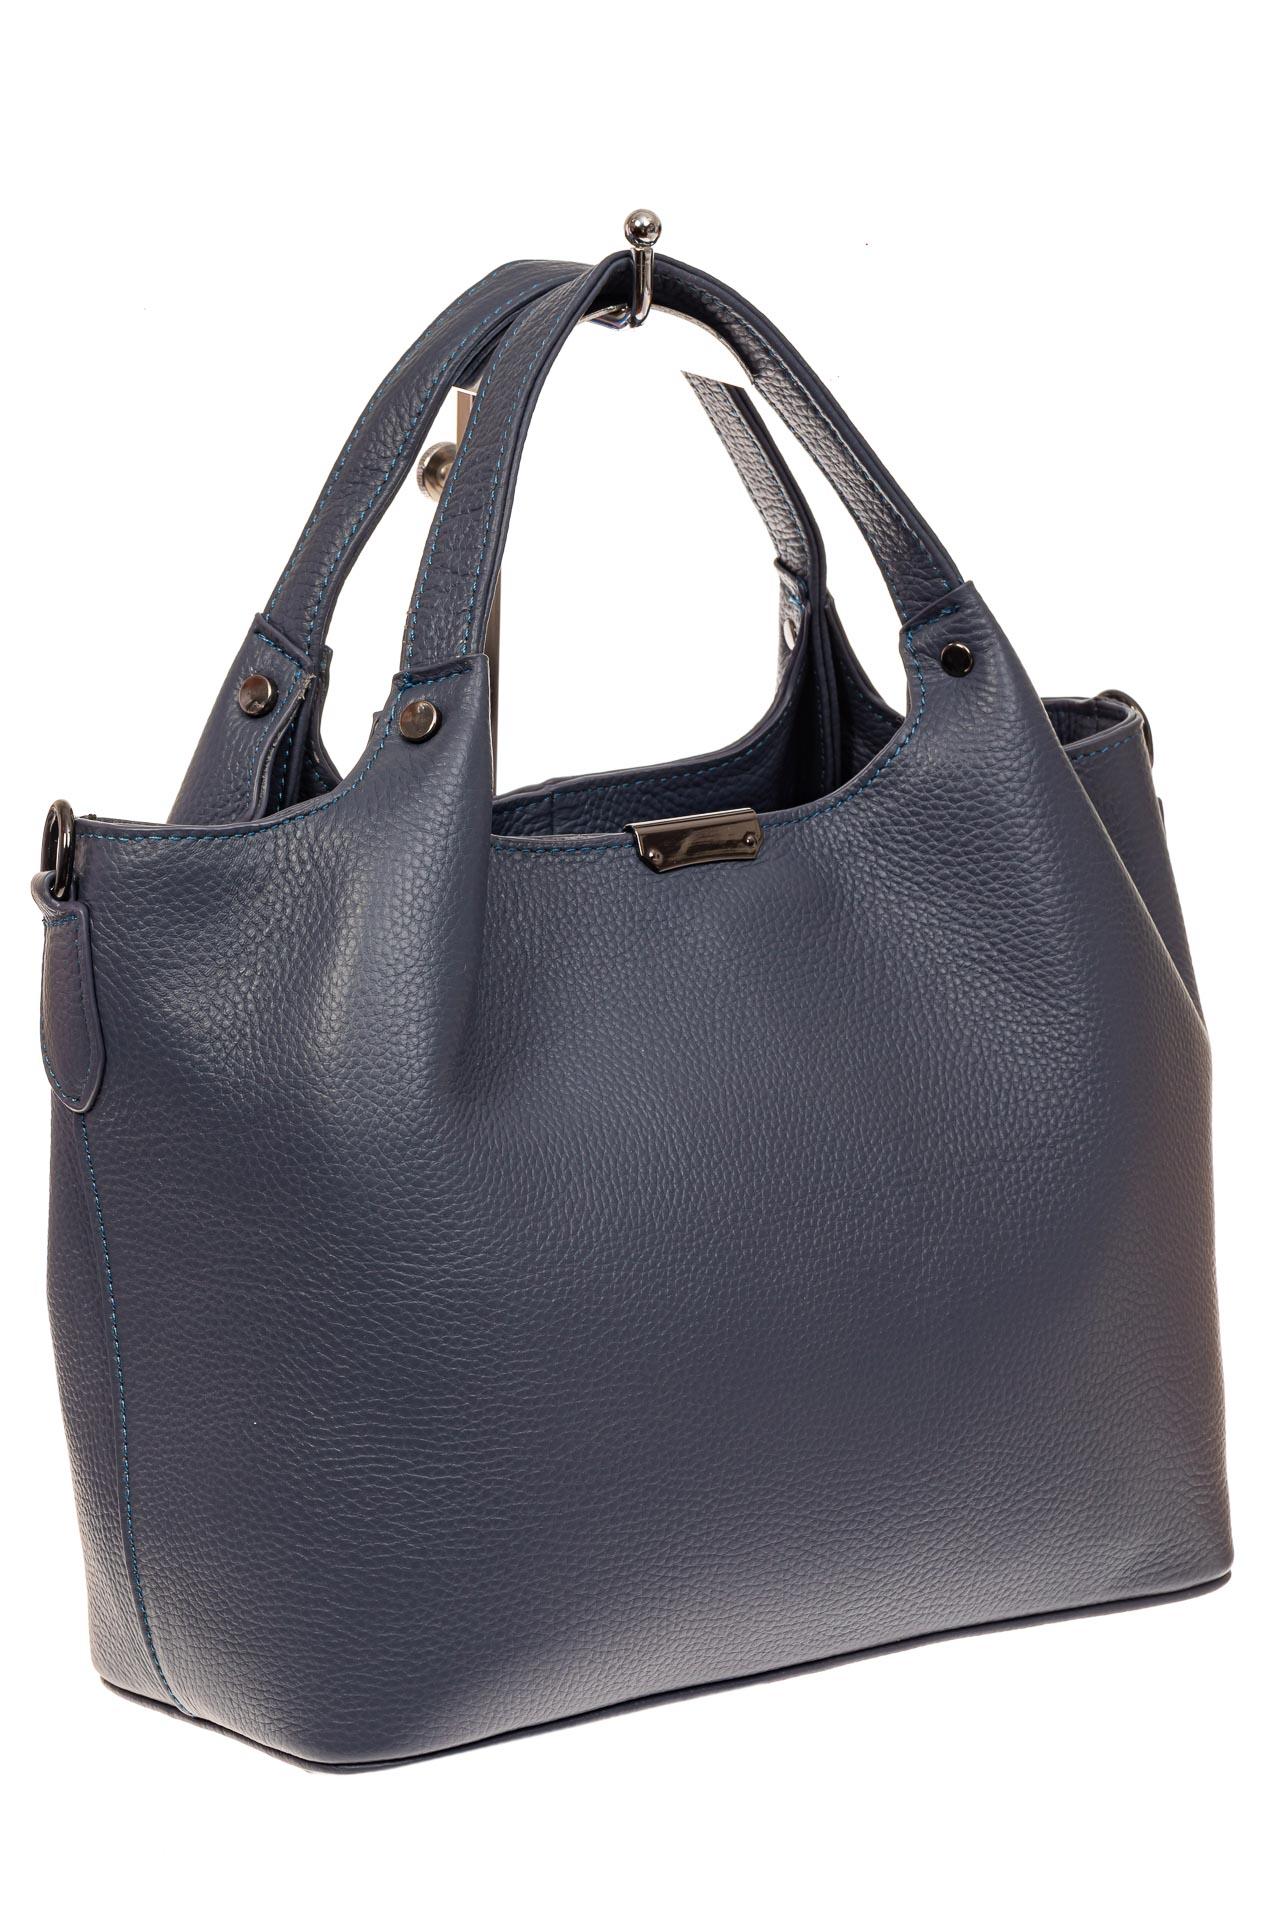 Женская сумка из натуральной кожи, цвет серо-синий